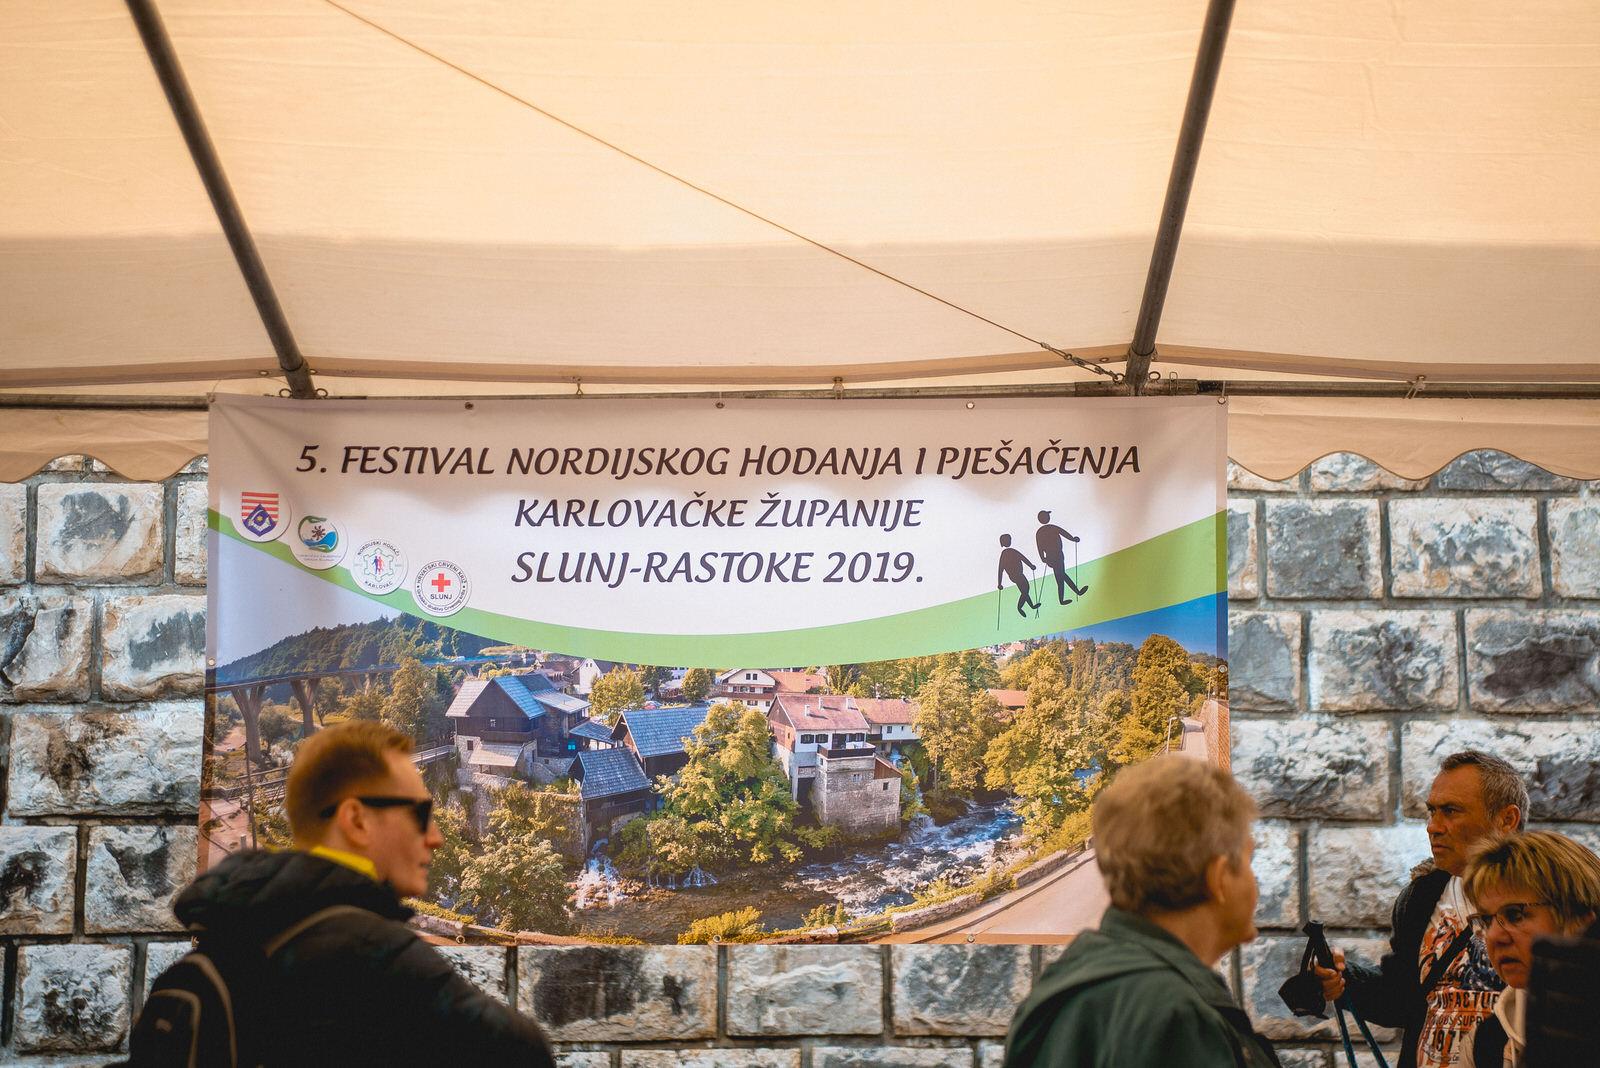 likaclub_slunj_rastoke_5-festival-nordijskog-hodanja_2019-25